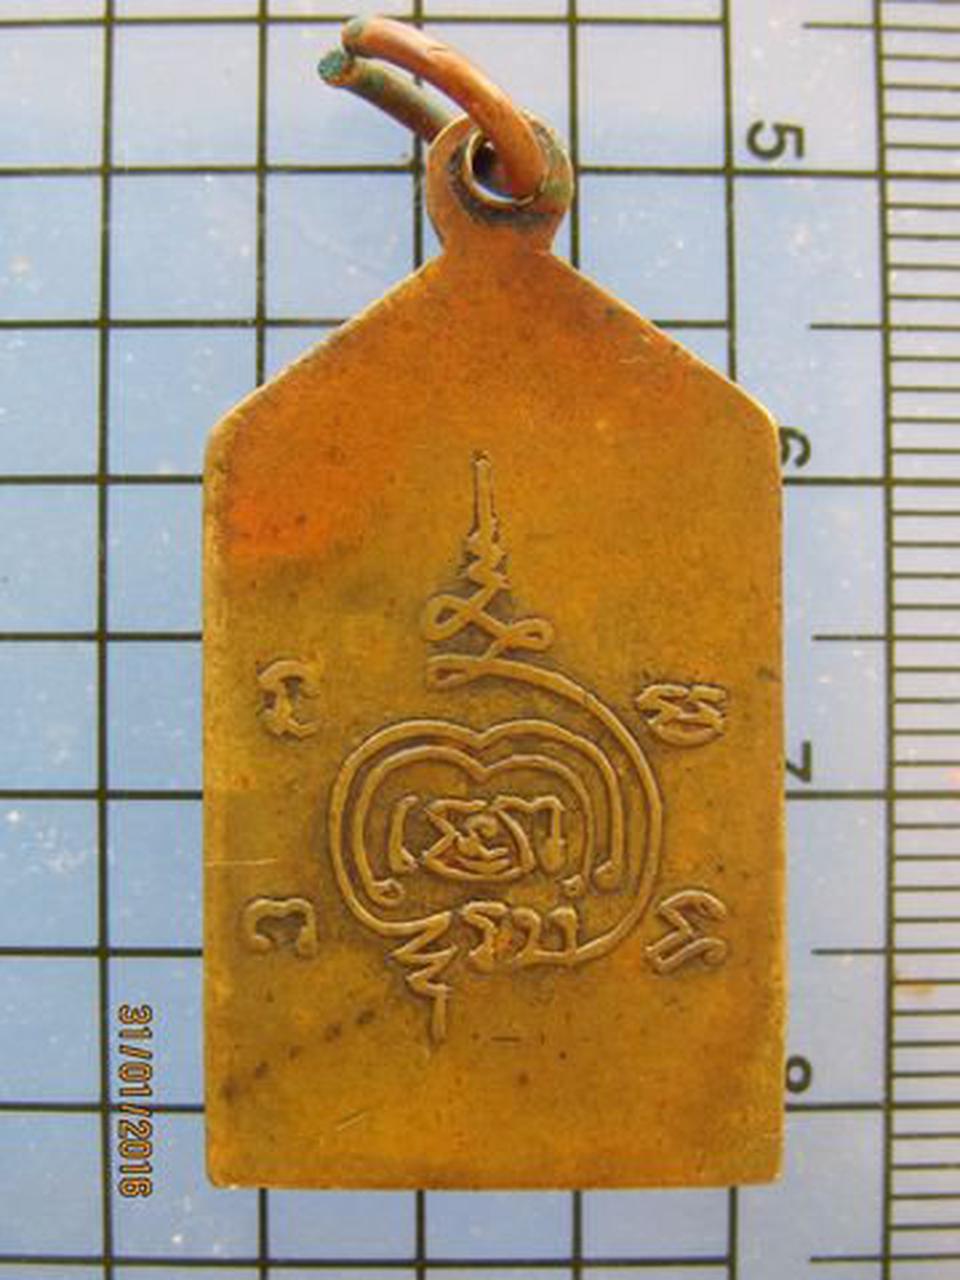 3100 เหรียญหลวงพ่อเตชธัมโม จุนหมง หลังยันต์ ไม่ทราบที่  รูปที่ 2